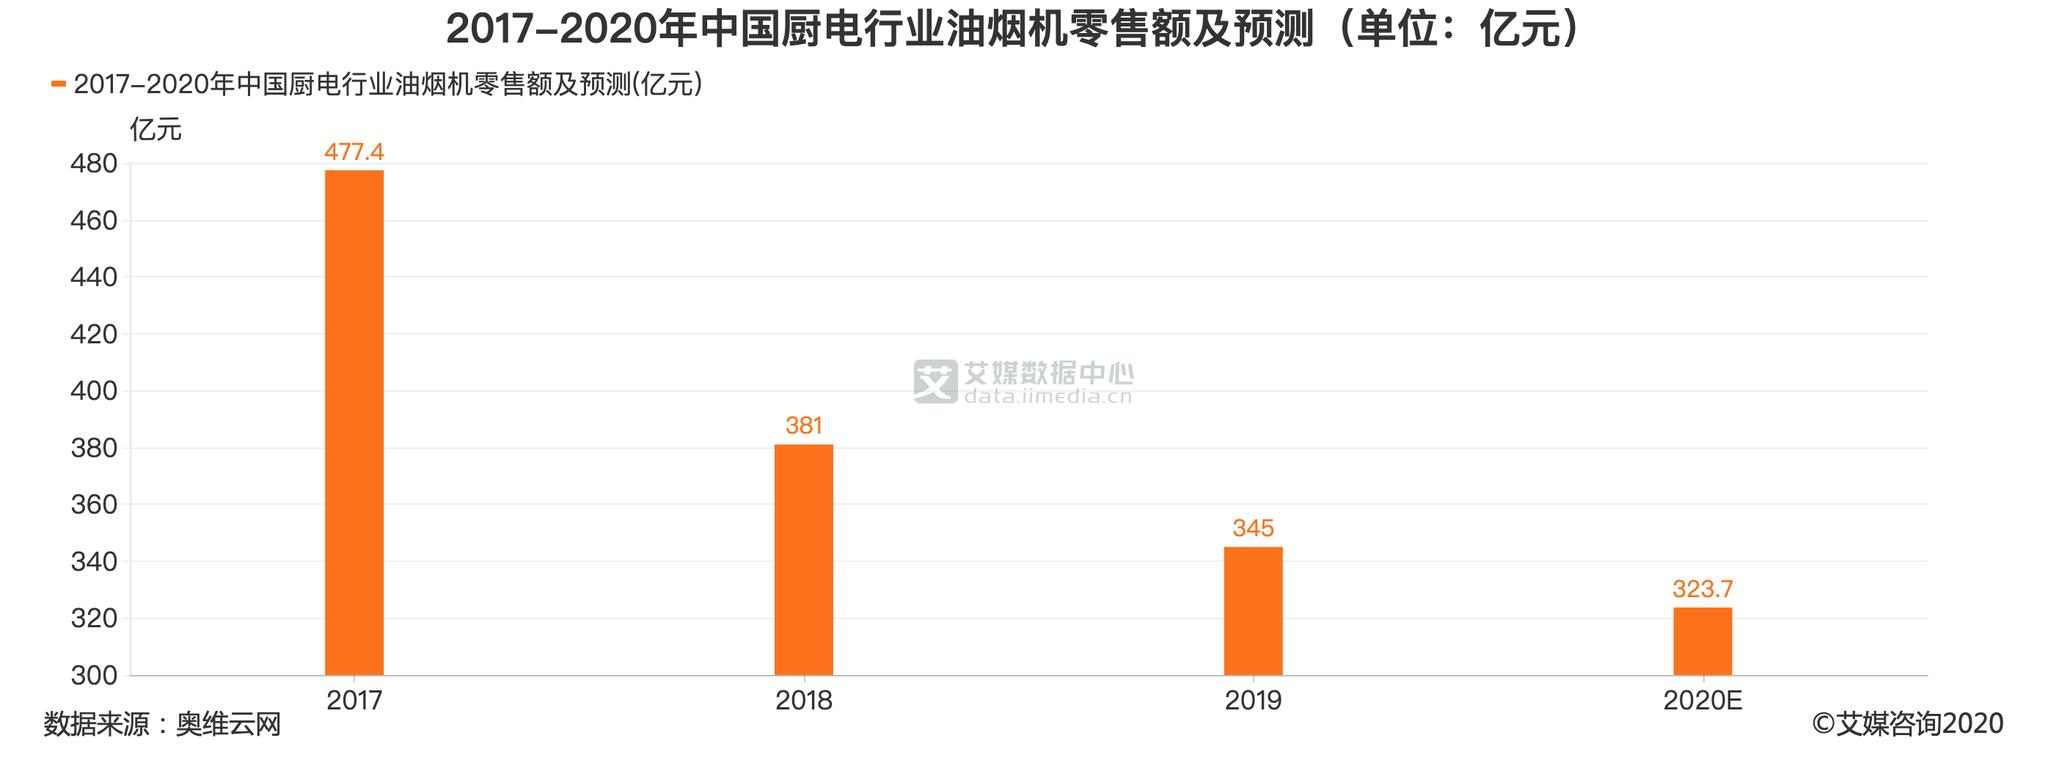 家电行业数据分析:预计2020年中国油烟机零售额为323.7亿元